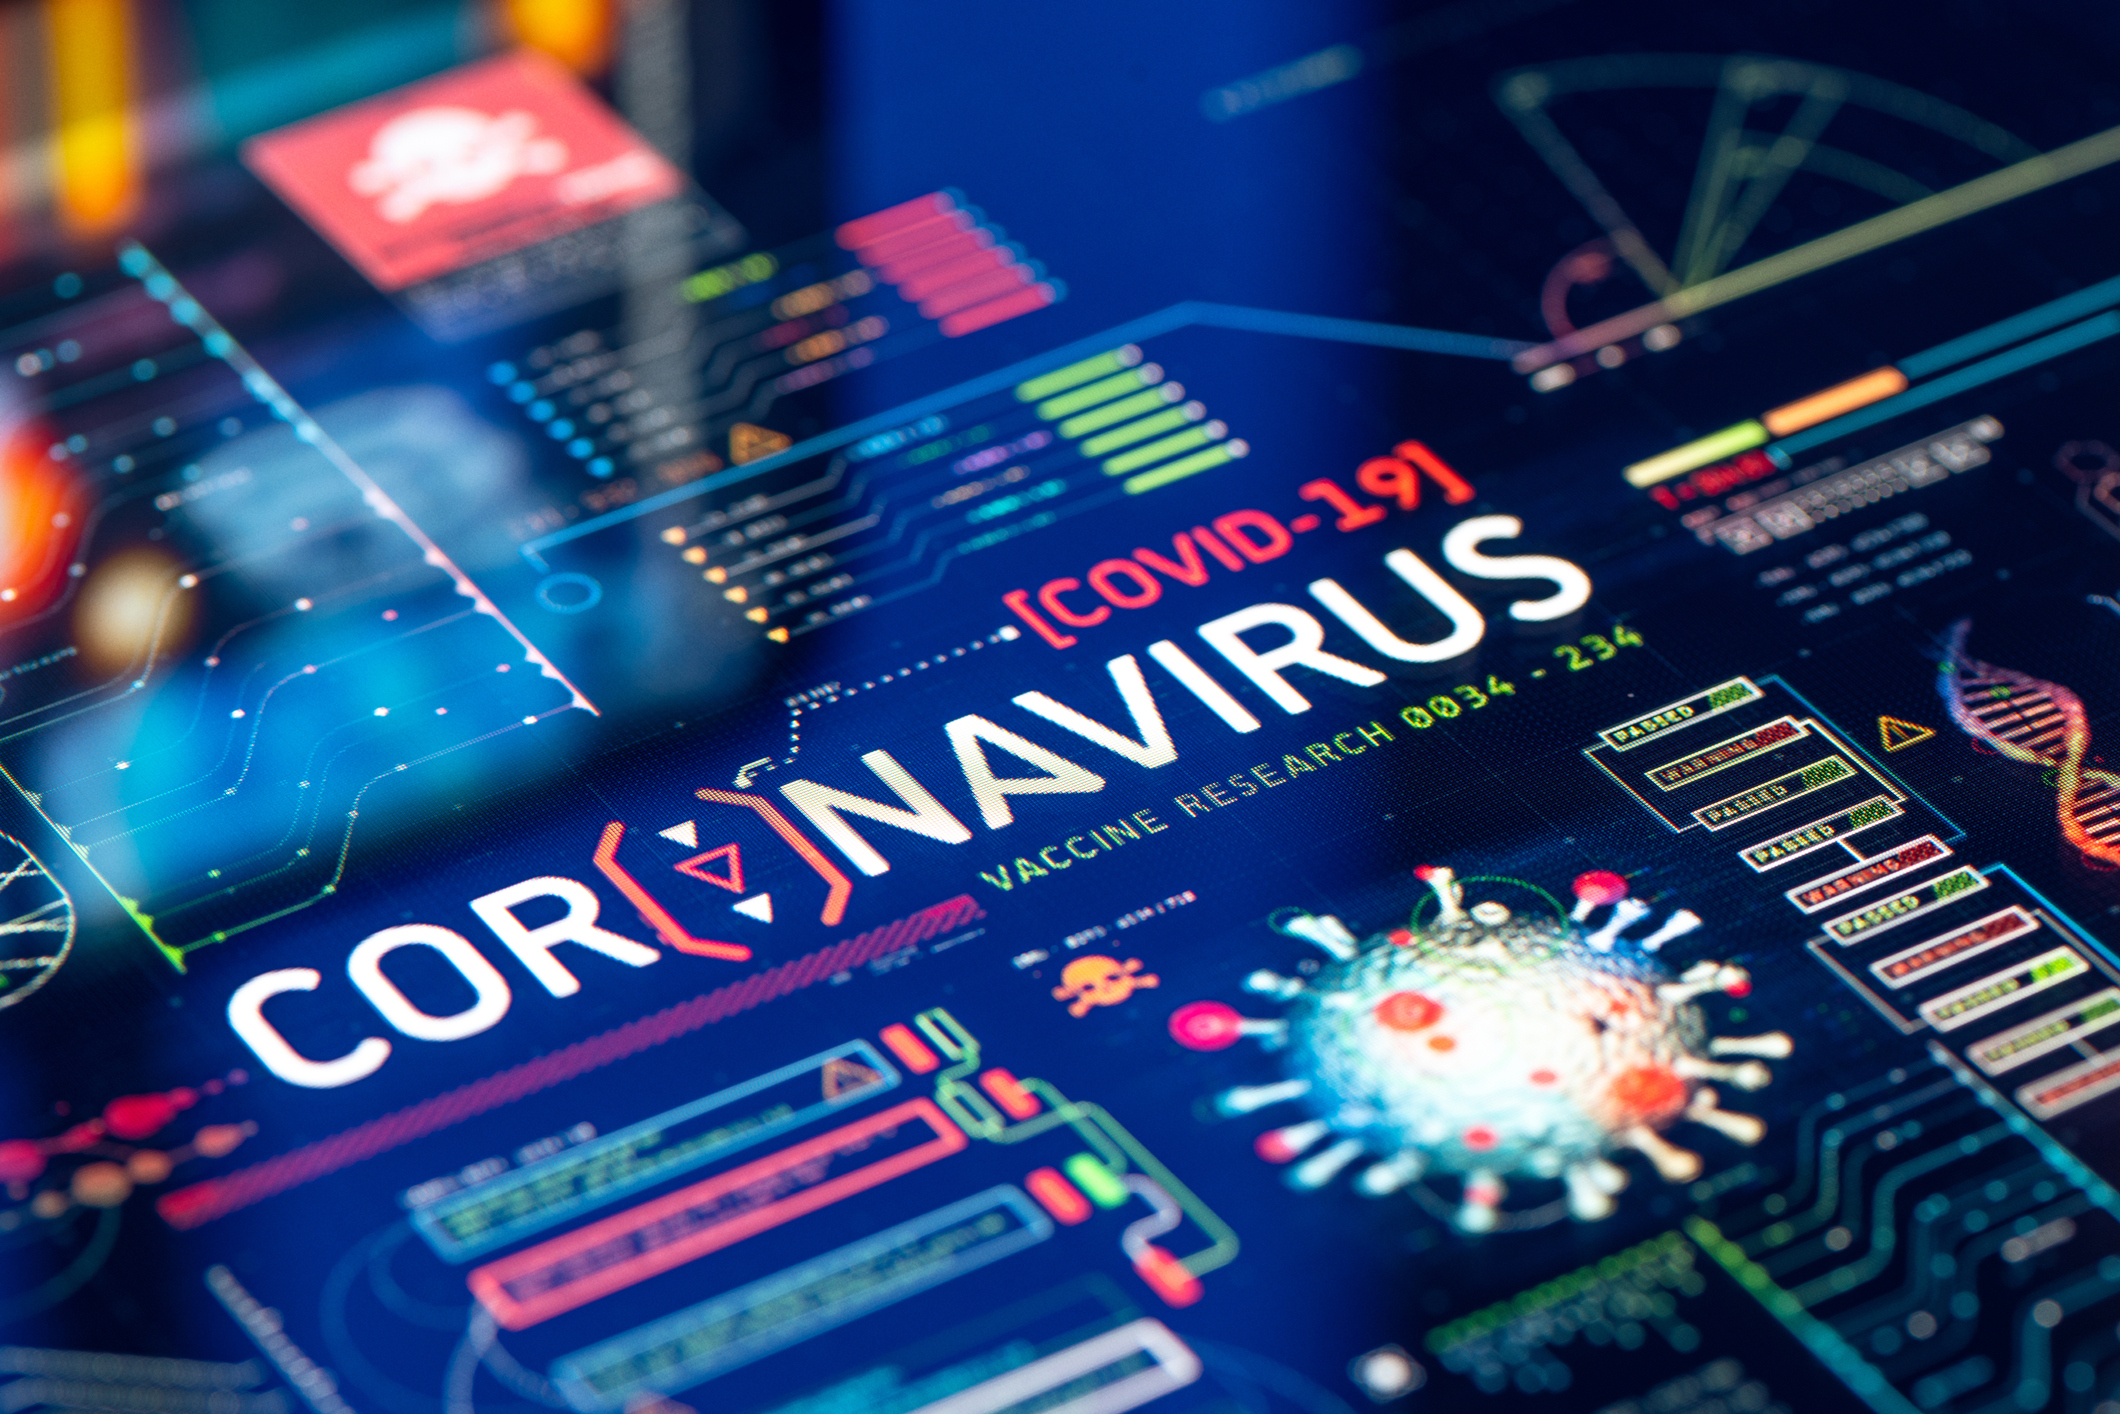 диагностика +и лечение коронавирусной инфекции, диагностика коронавирусной инфекции, коронавирусная инфекция covid 19, лечение коронавирусной инфекции, профилактика диагностика лечение новой коронавирусной инфекции, профилактика коронавирусной инфекции, симптомы коронавирусной инфекции